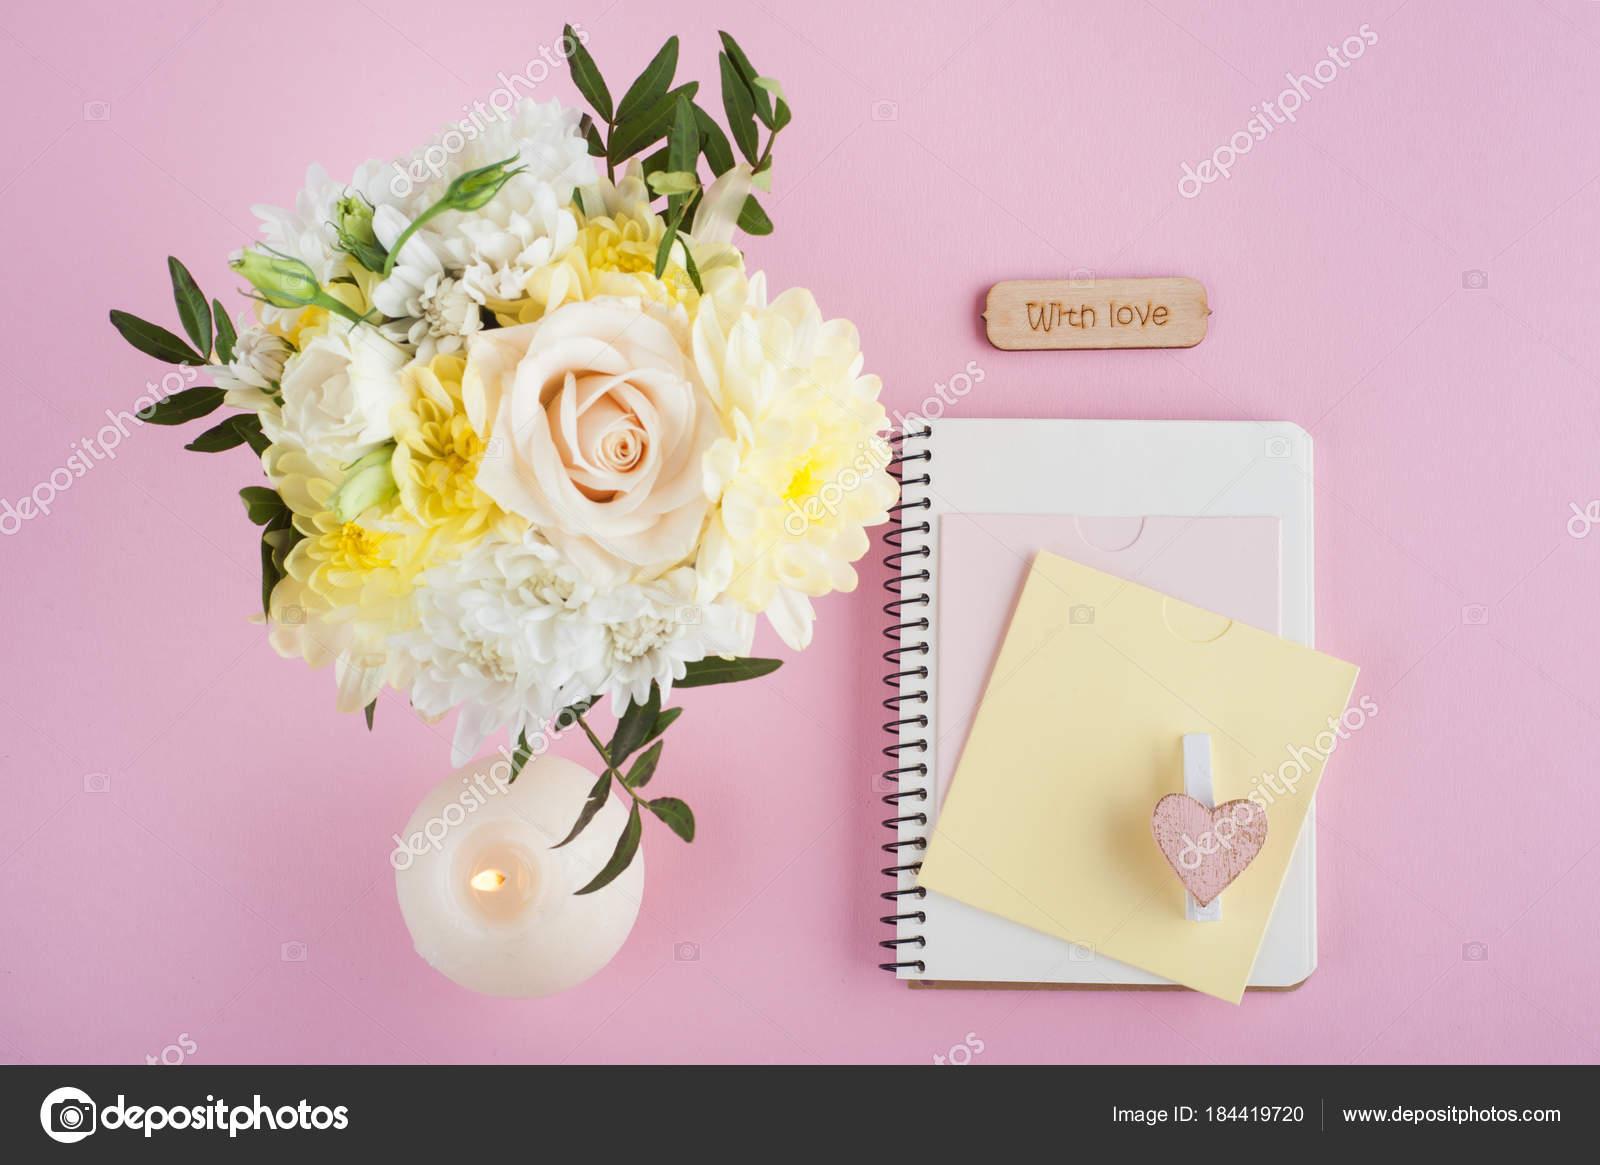 https://st3.depositphotos.com/3608211/18441/i/1600/depositphotos_184419720-stockafbeelding-notitieblok-bloemen-en-verlichte-kaars.jpg